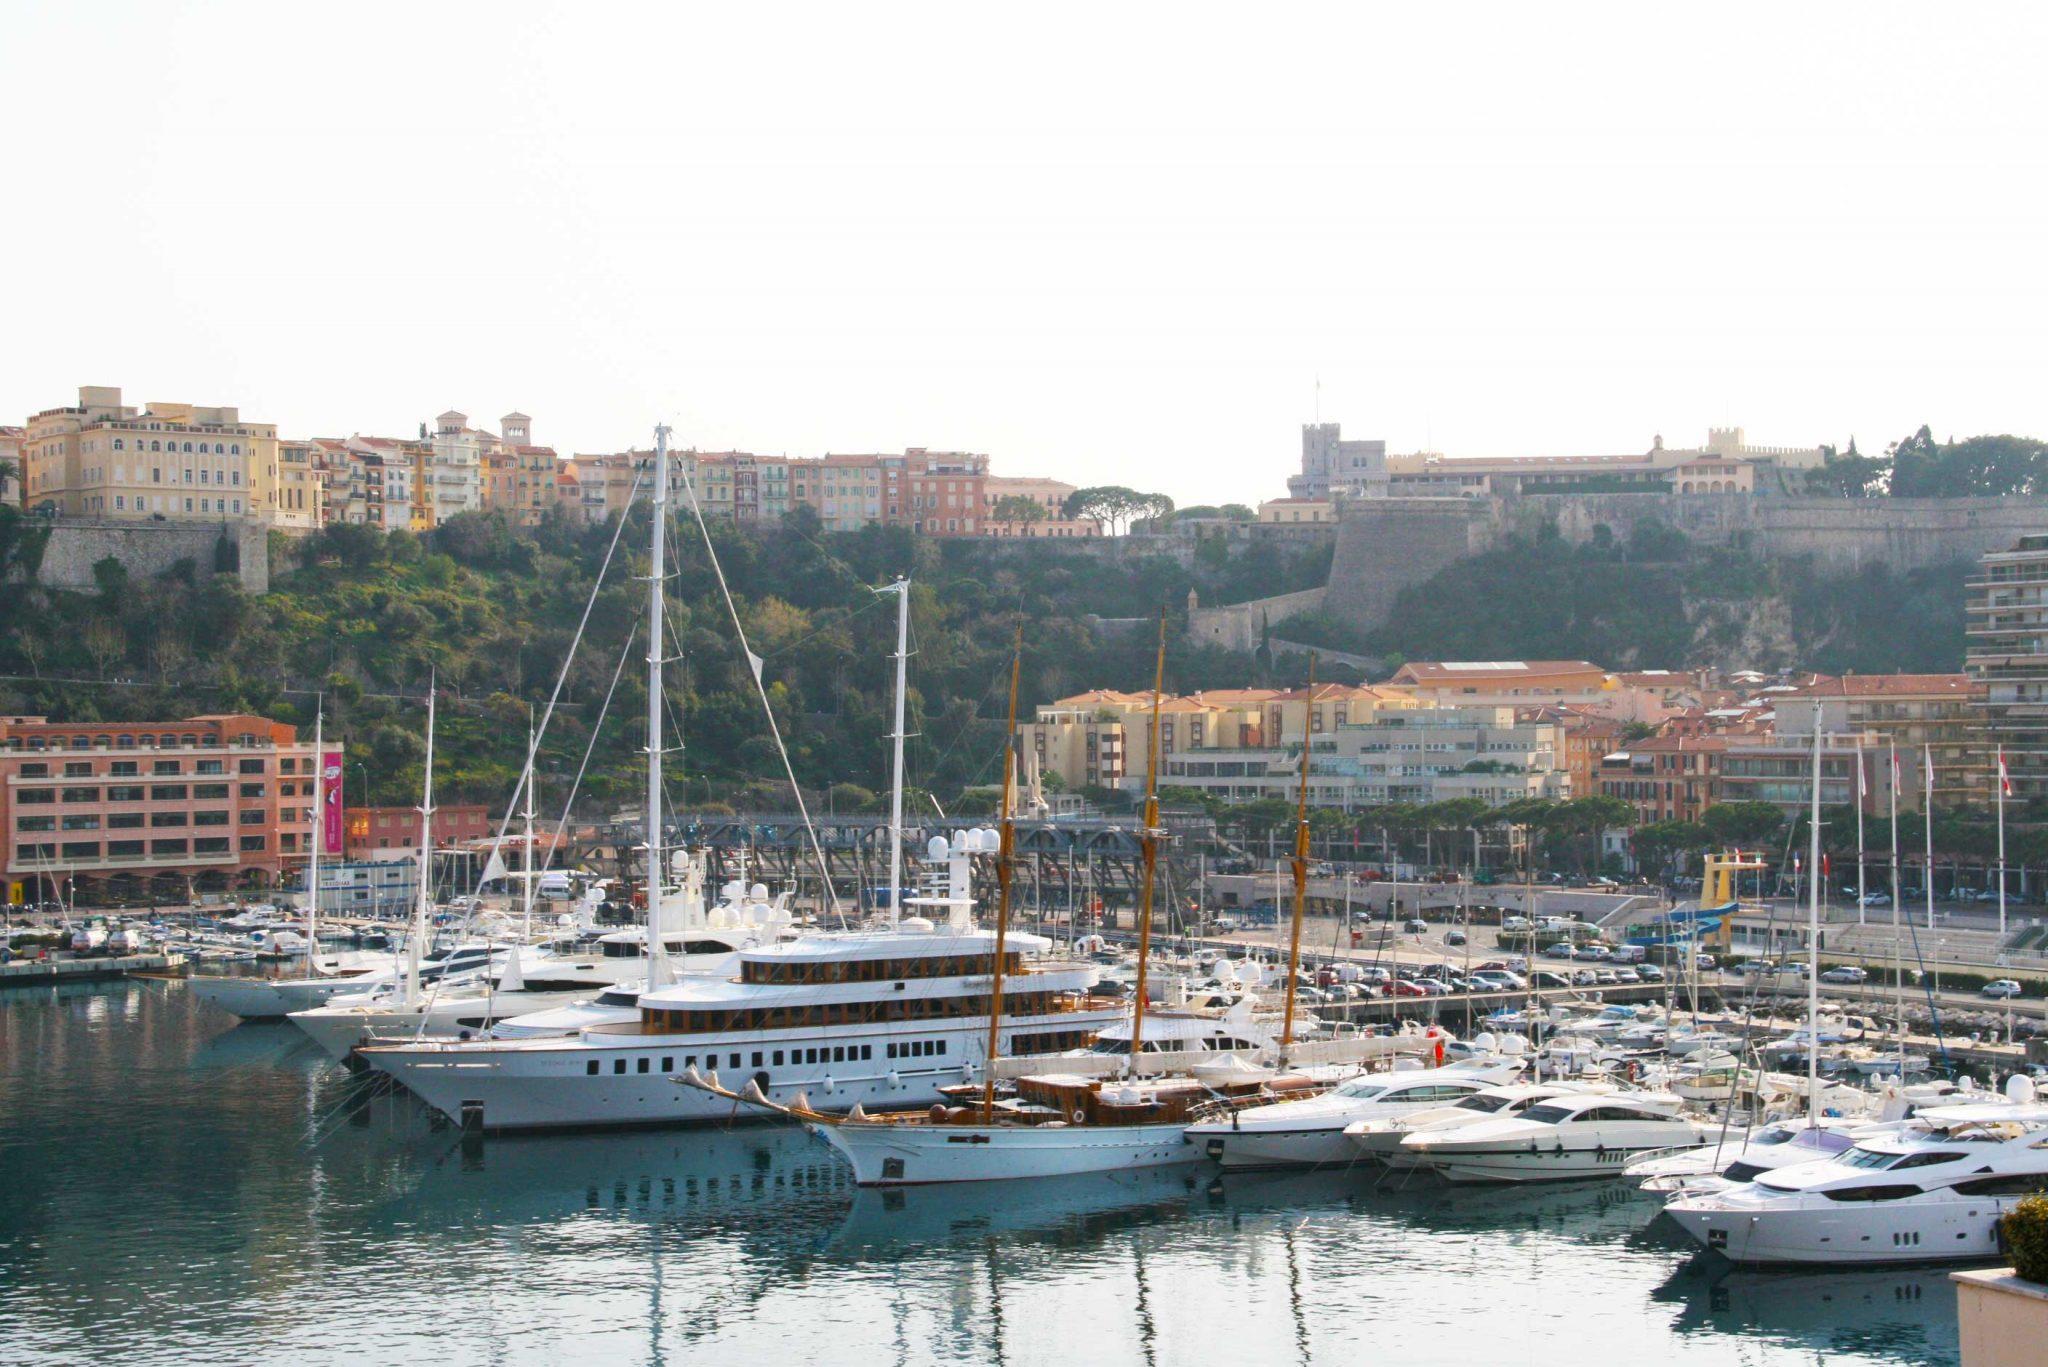 Boats in Monaco marina